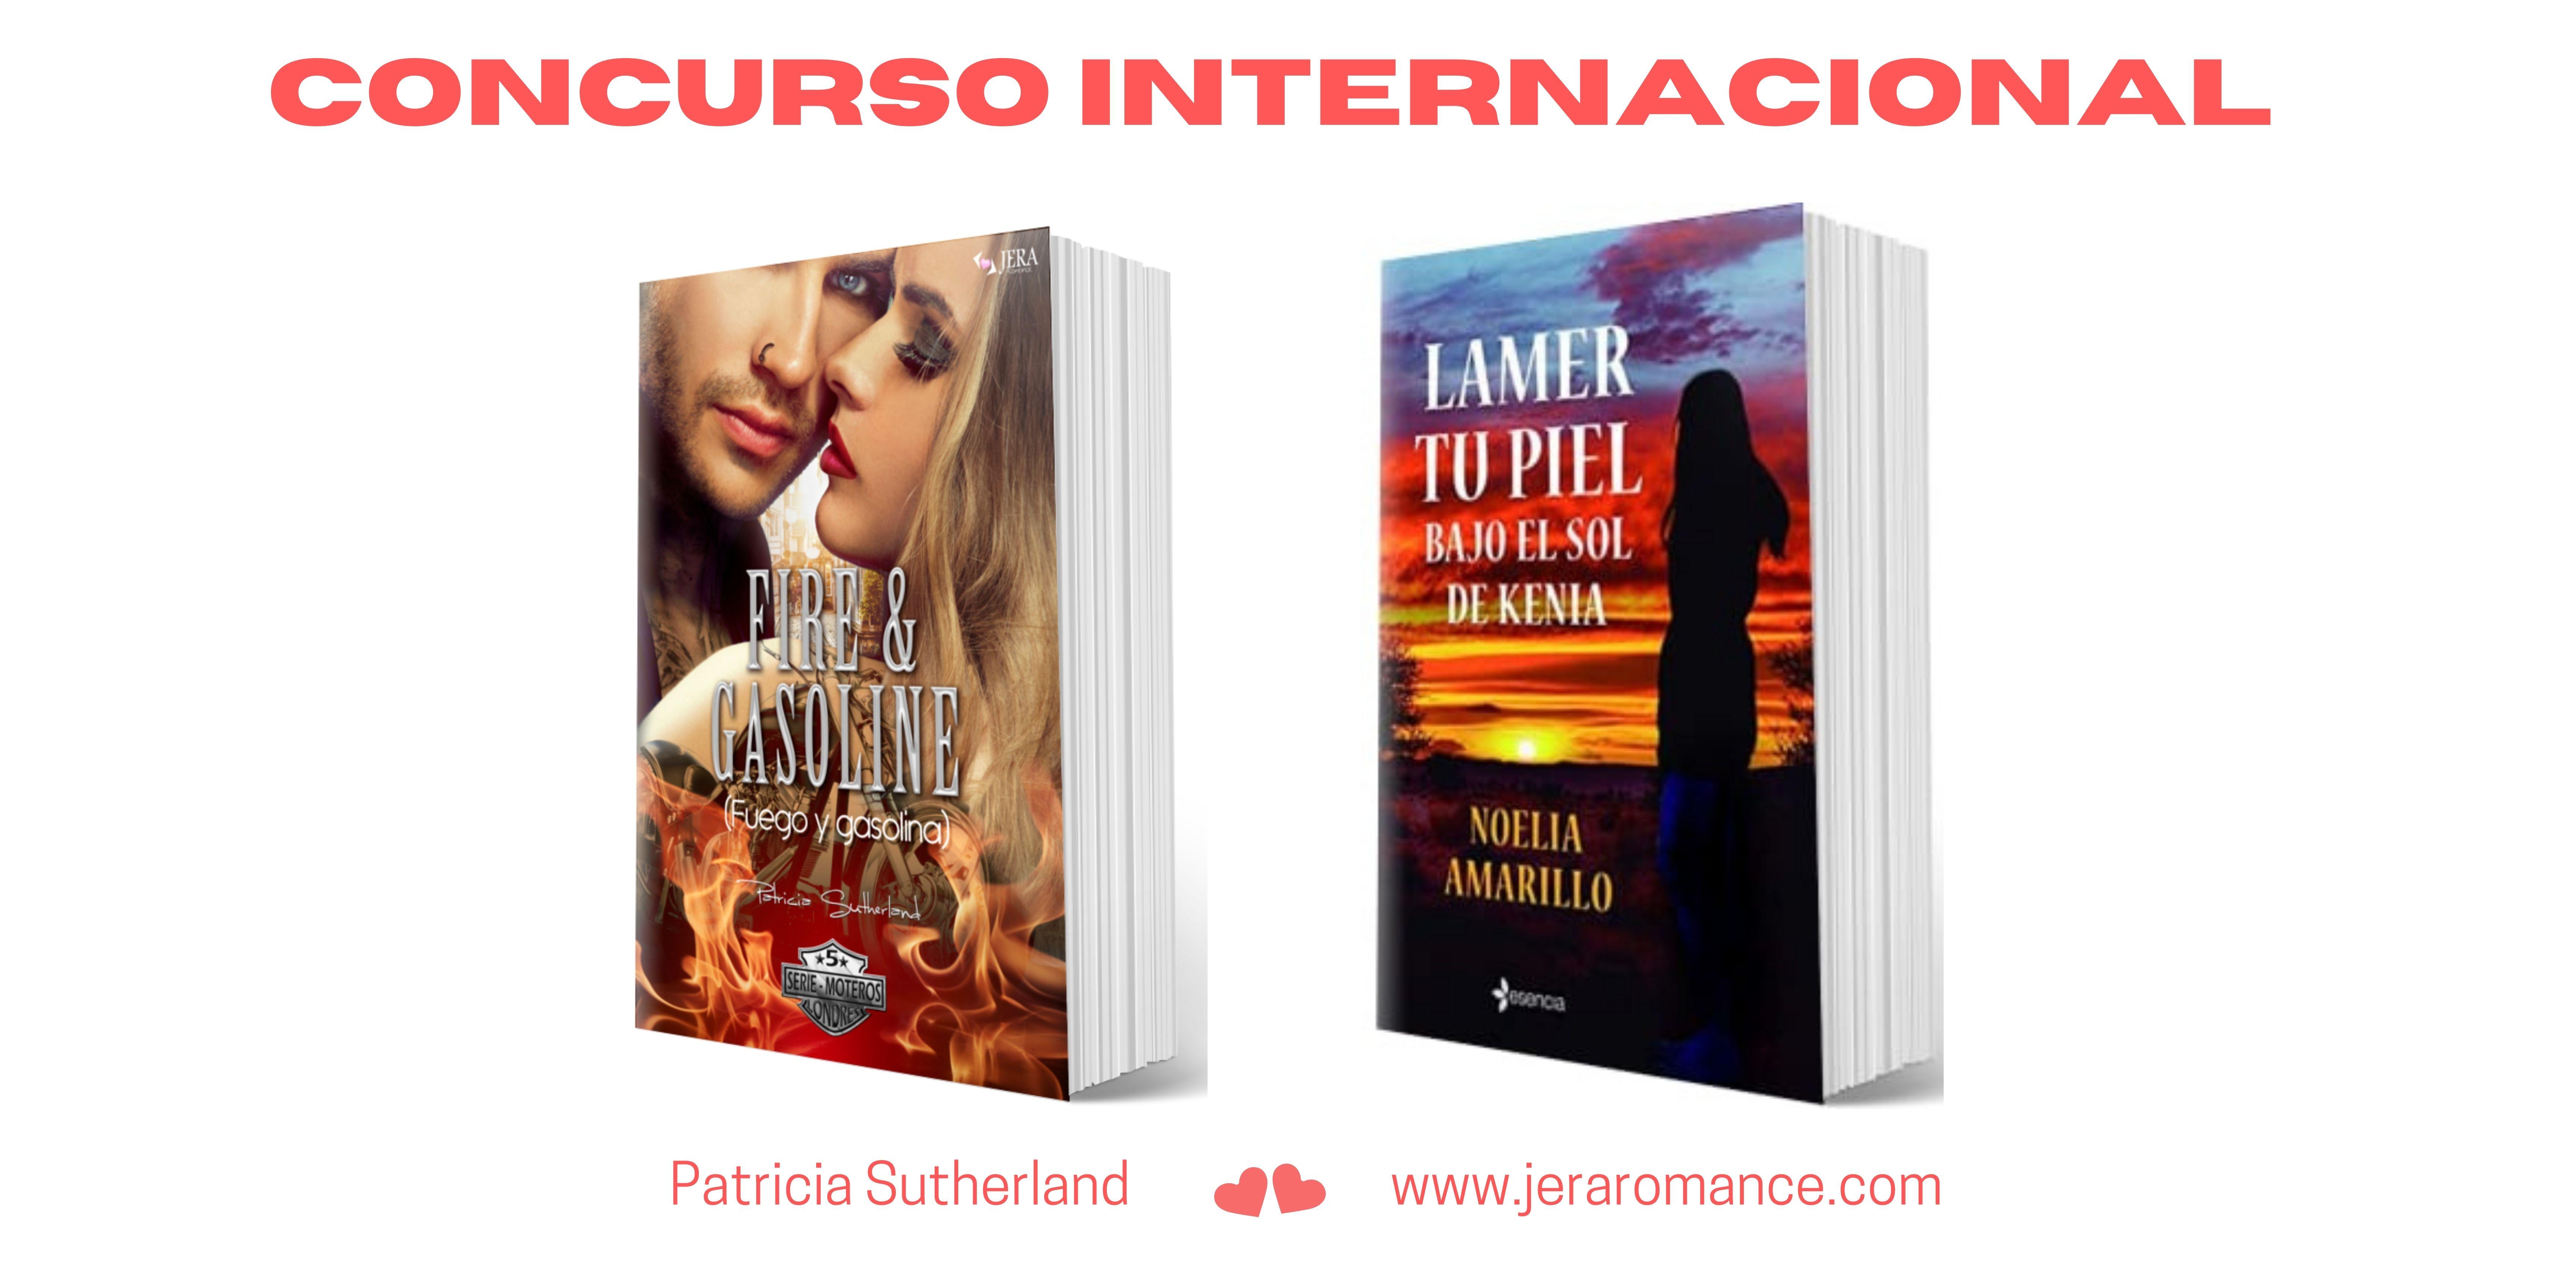 Concurso Internacional Jera Romance Día del libro 2021